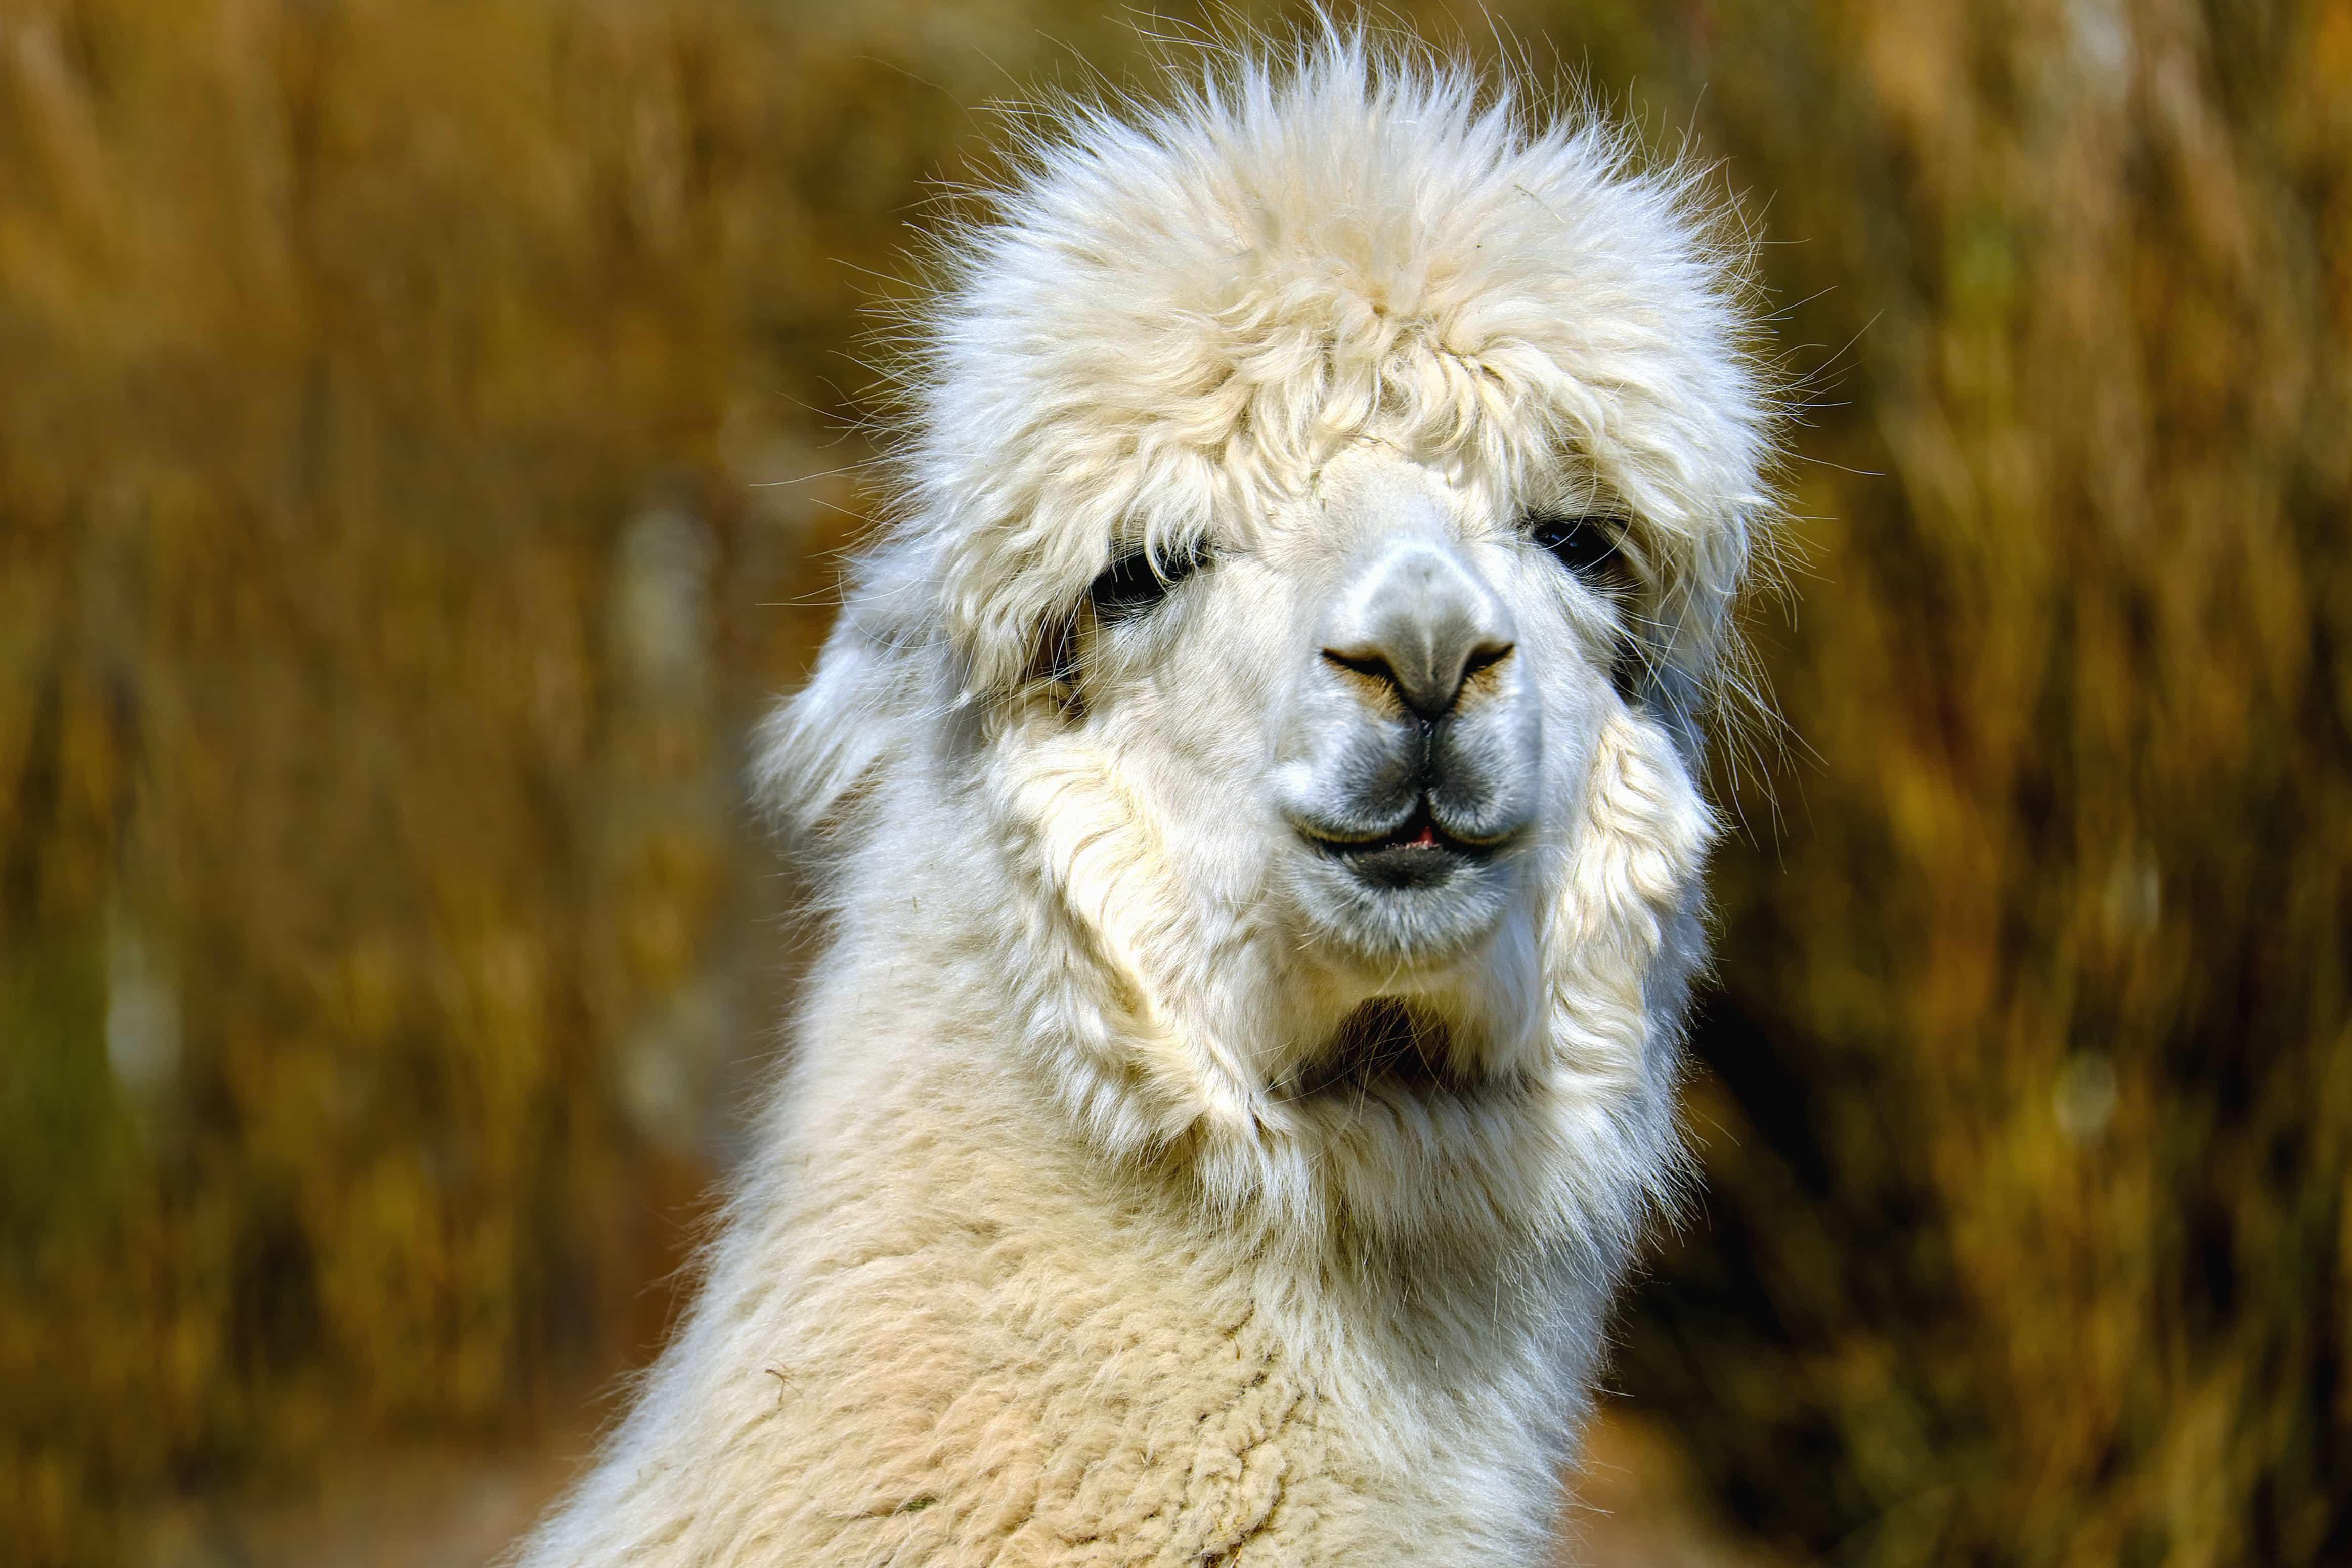 Free picture: alpaca, animal, fur, portrait, wildlife ...